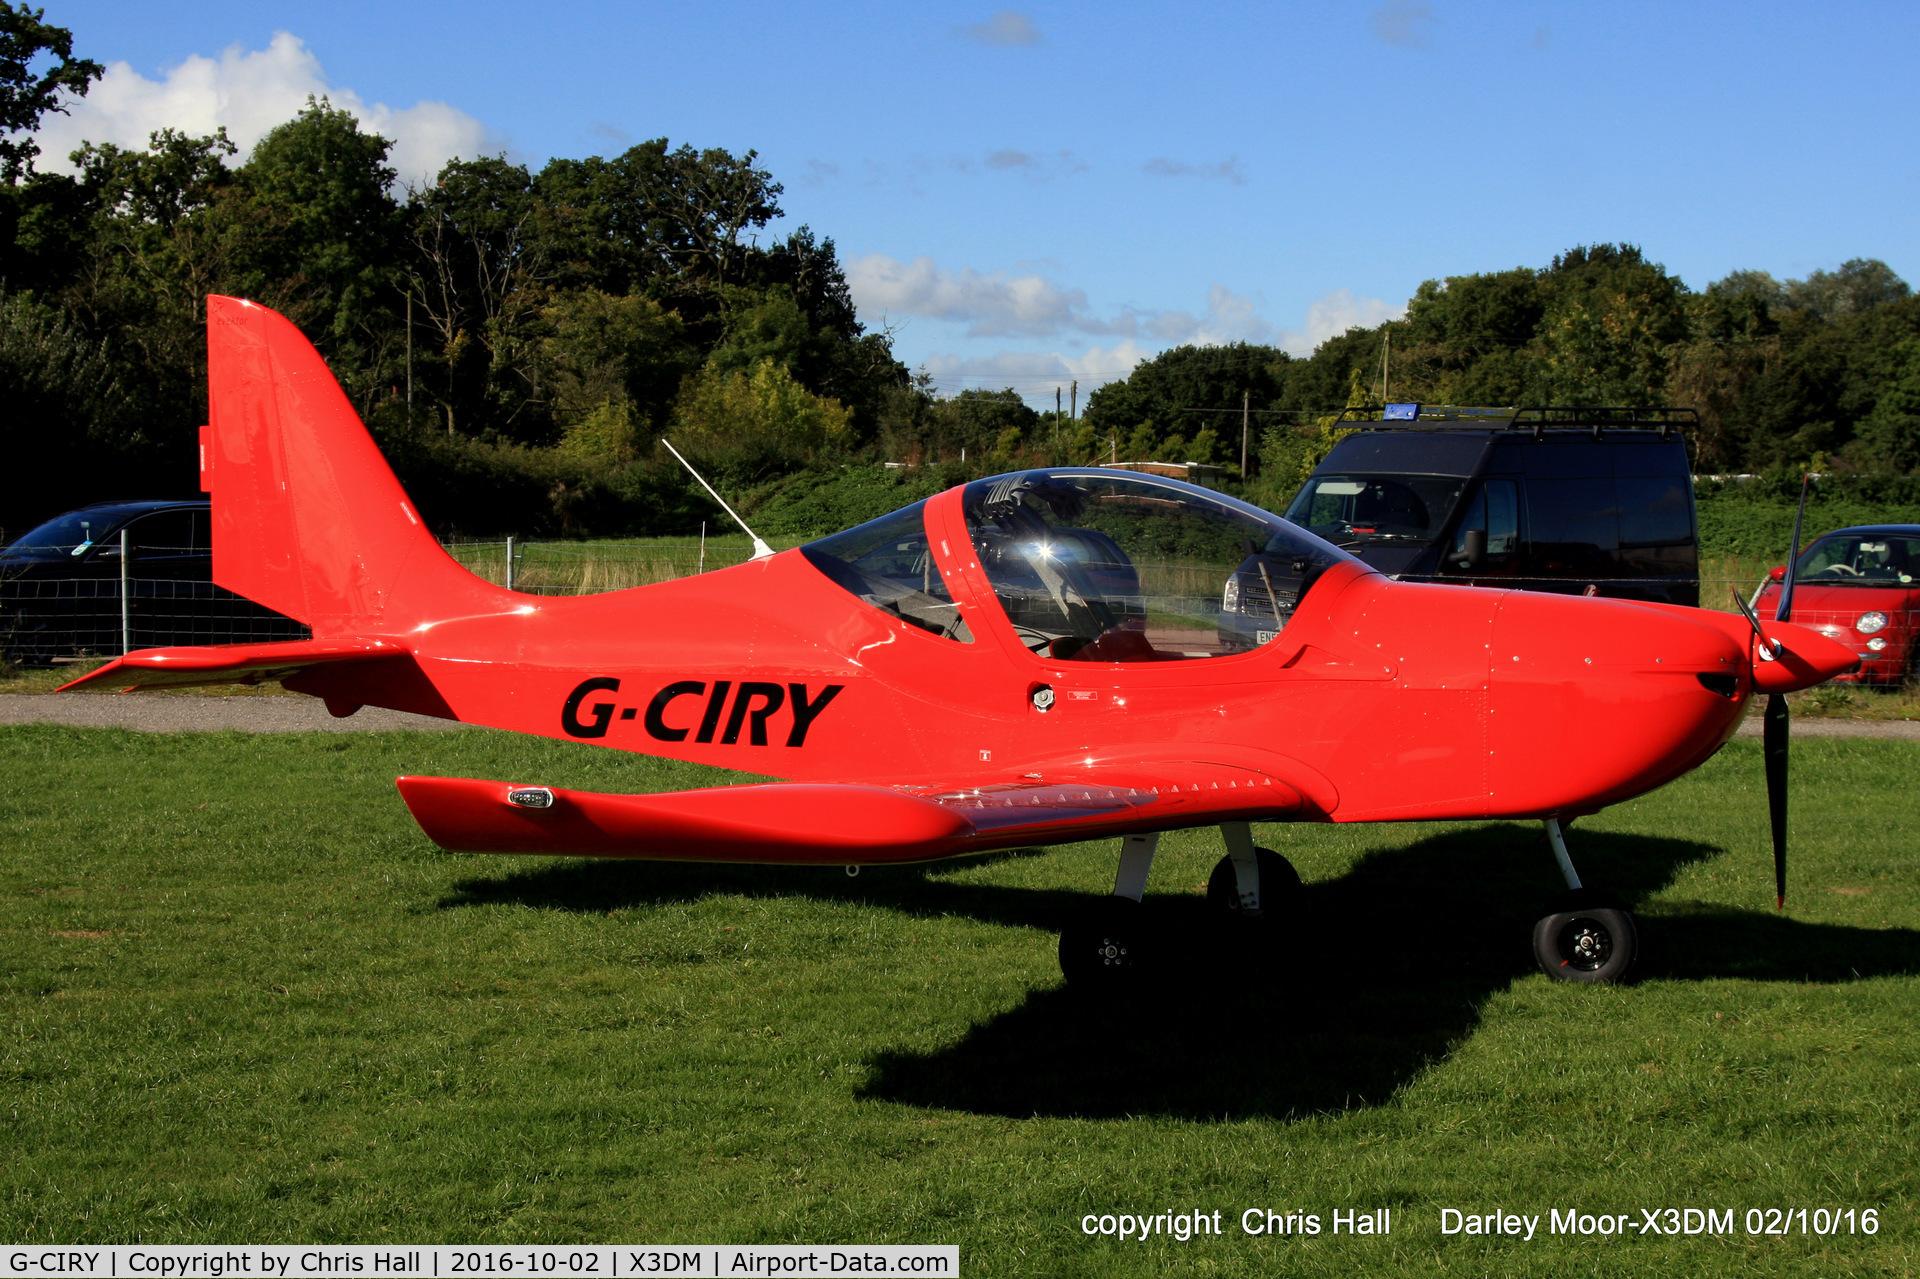 G-CIRY, 2015 Evektor EV-97 Eurostar SL C/N 2015-4222, at Darley Moor Airfield